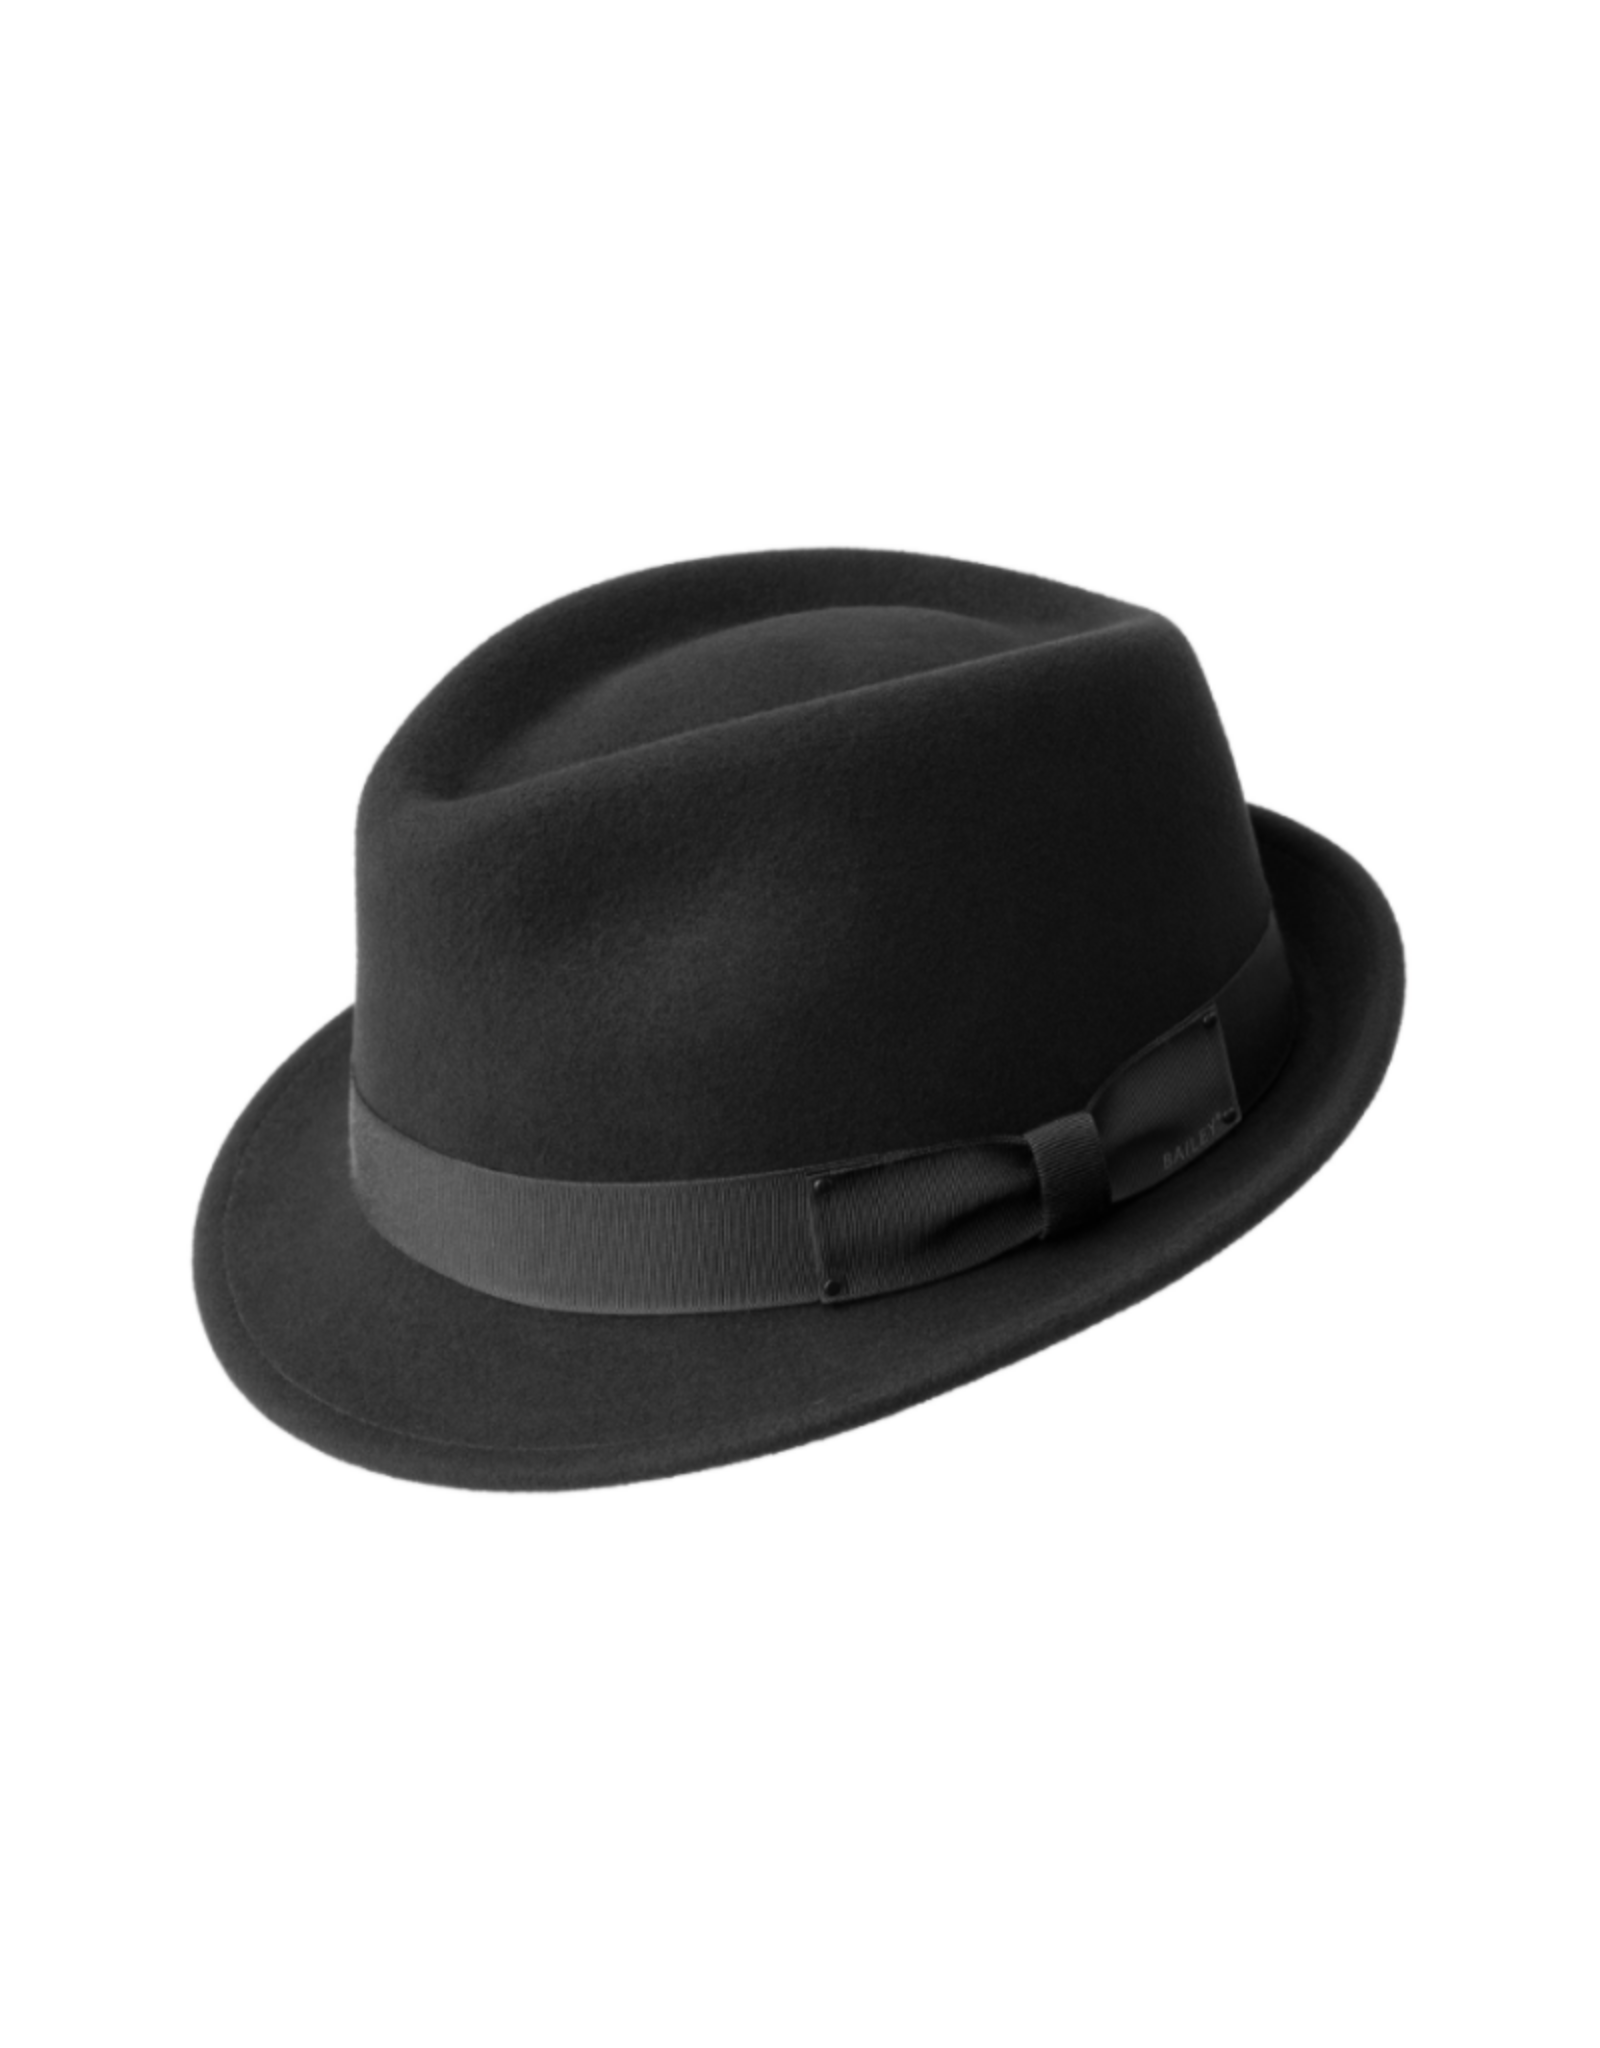 Bailey Hat Co. HAT-TRILBY-WYNN